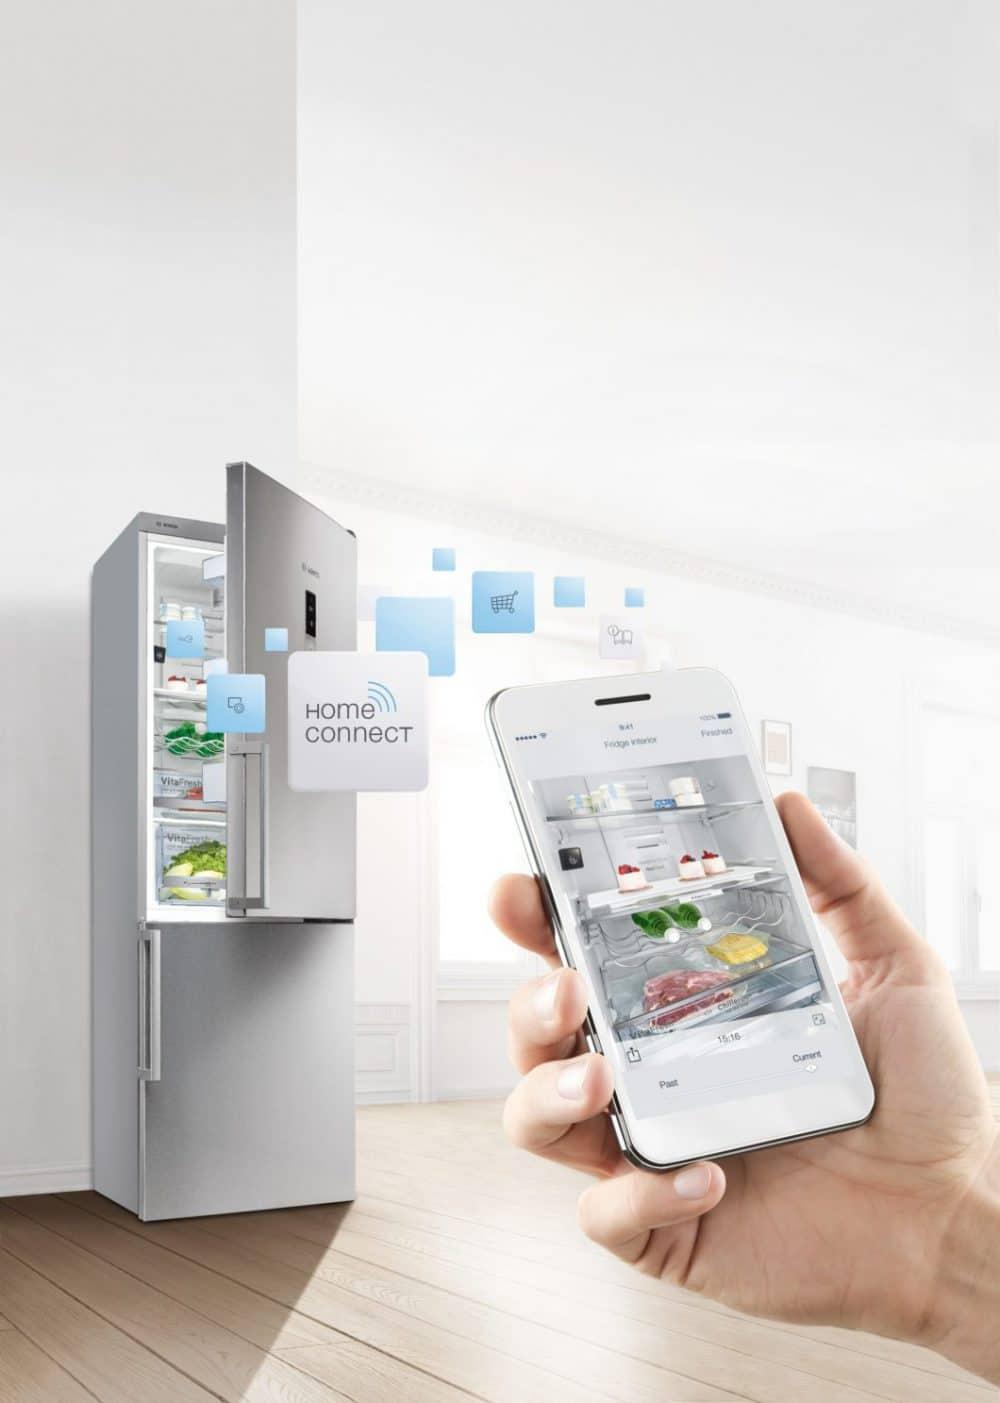 Den Kühlschrankinhalt scannen, Einkaufslisten erstellen, das Gerät aus der Ferne runterkühlen: Viele Benutzer wissen gar nicht um alle Funktionen ihrer elektronischen Geräte. Ein Zeichen, dass sie es nicht benötigen? (Foto: Bosch Home Connect)